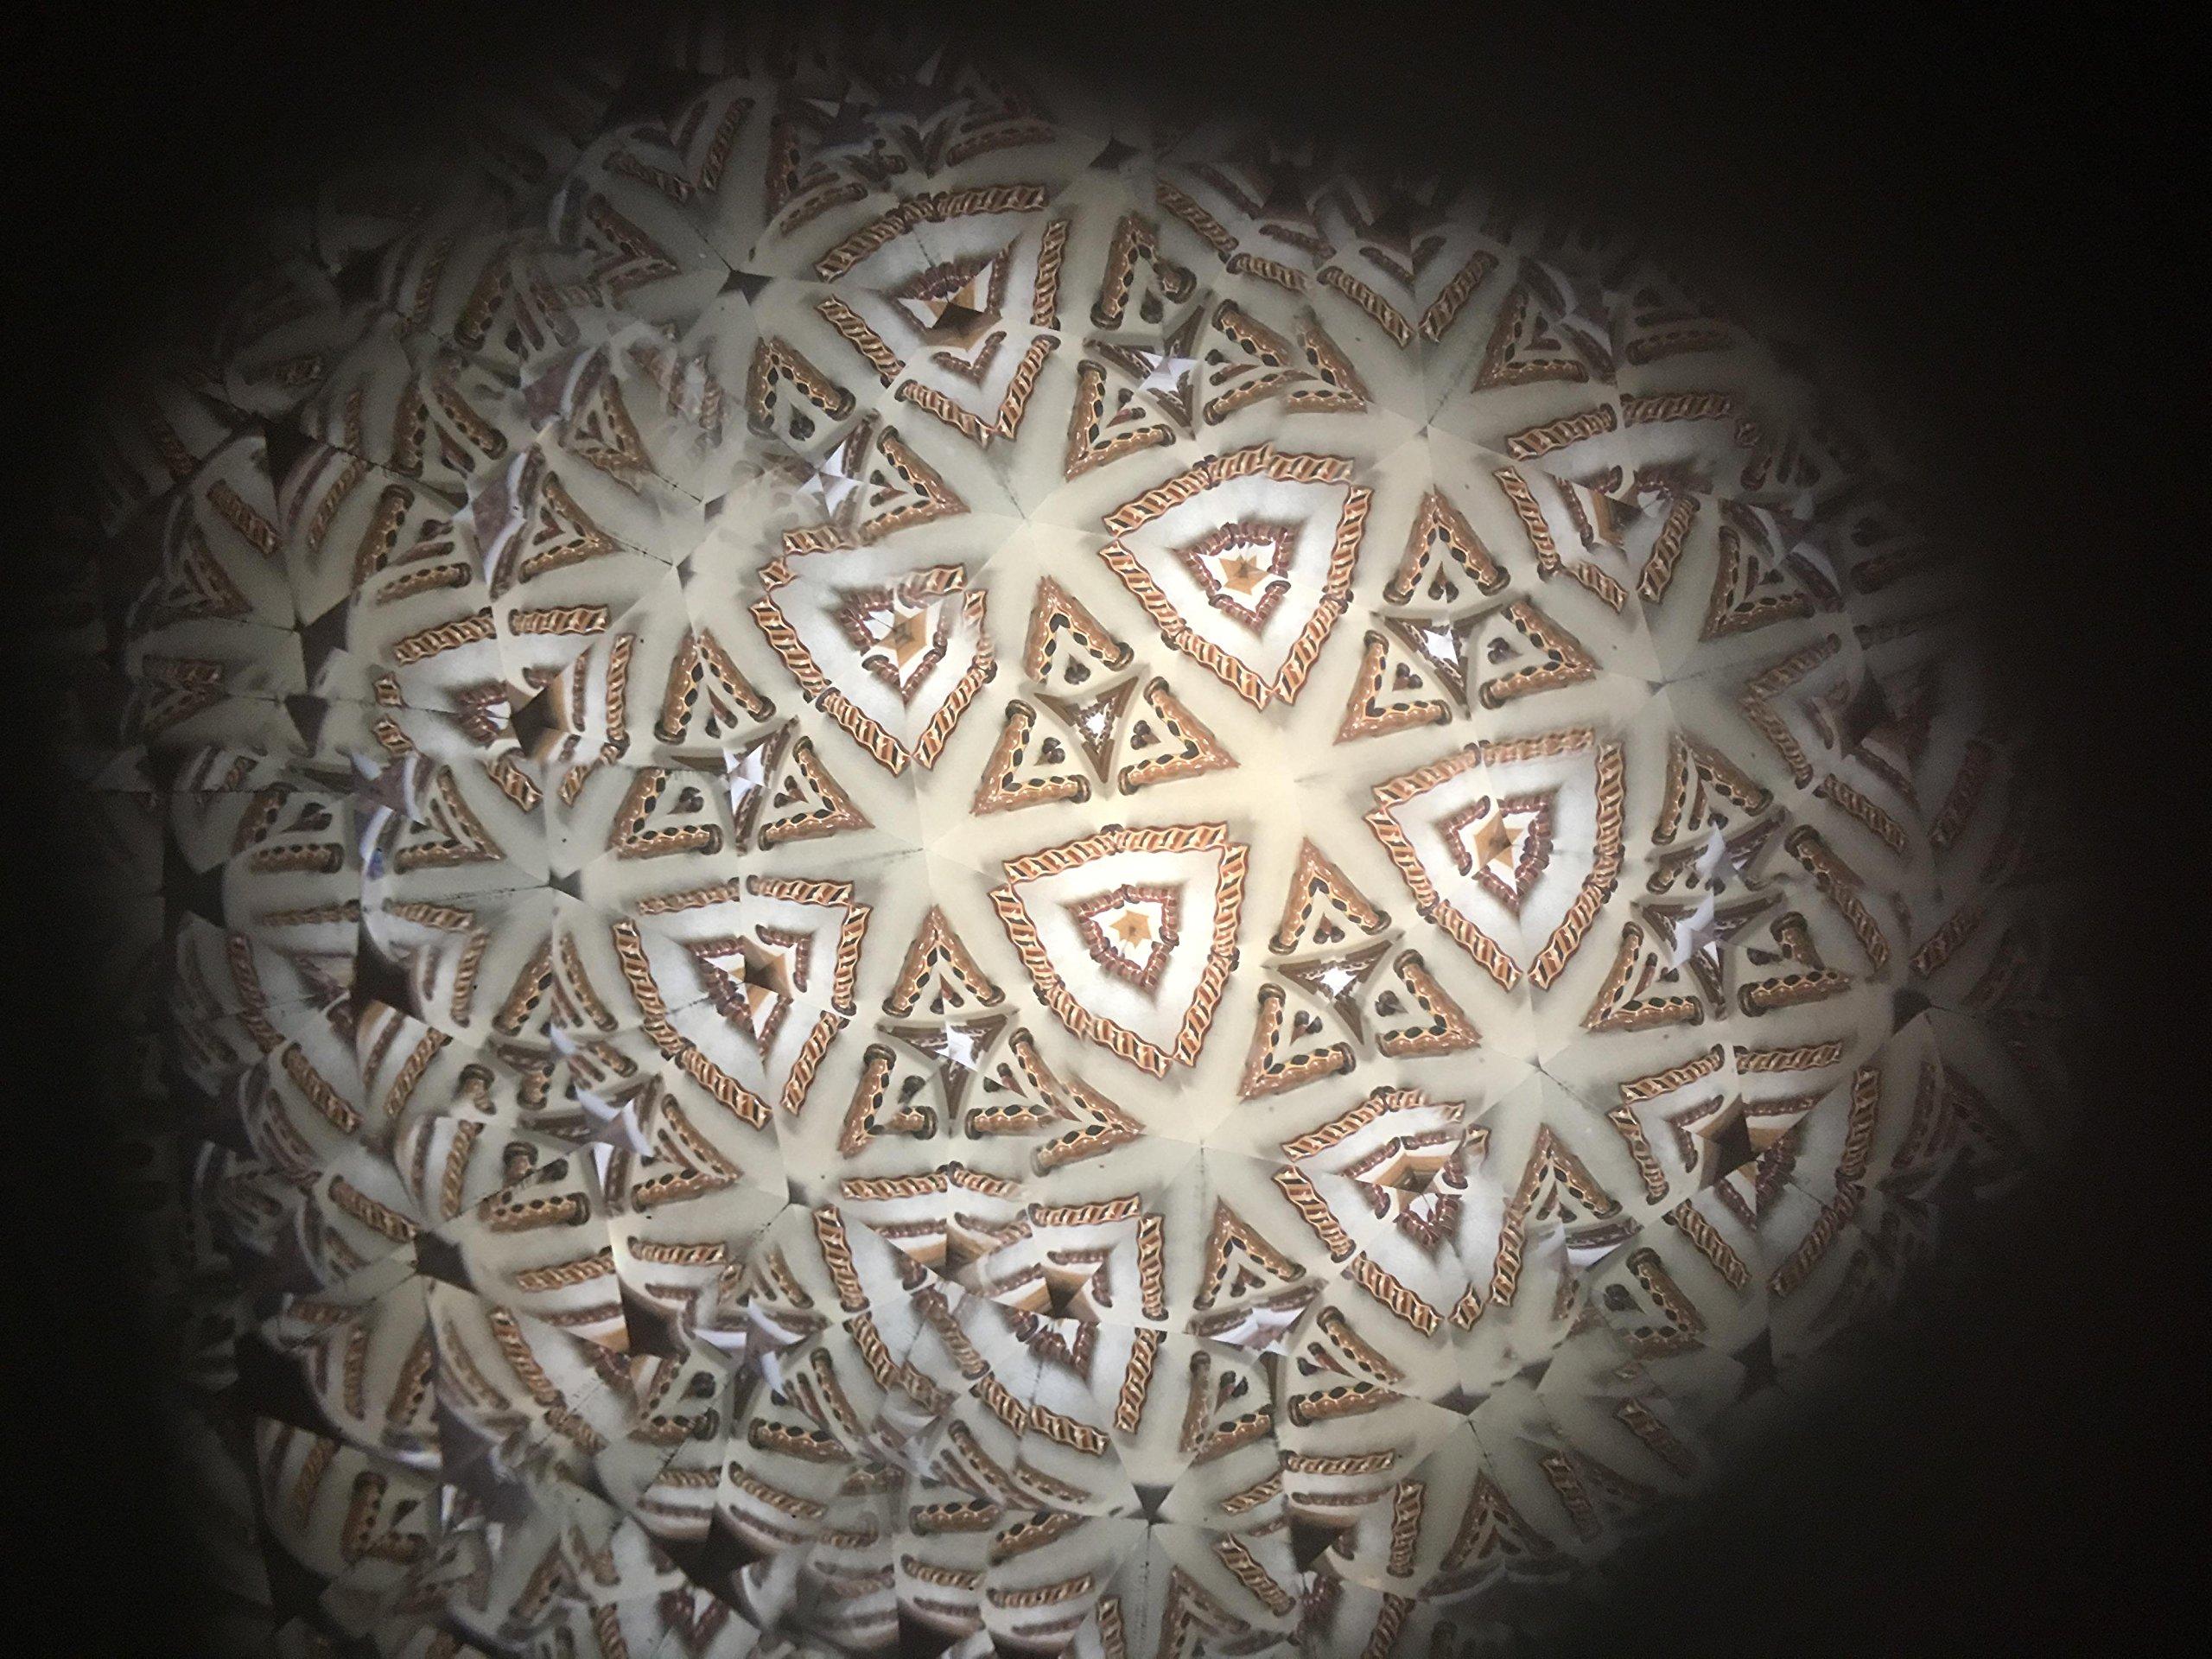 N & J Kaleidoscope Teleidoscope in Padauk Wood, 4 1/2 Inch, Inlaid Woods of Padauk, Ebony, Teak and Jalneem by N & J (Image #8)